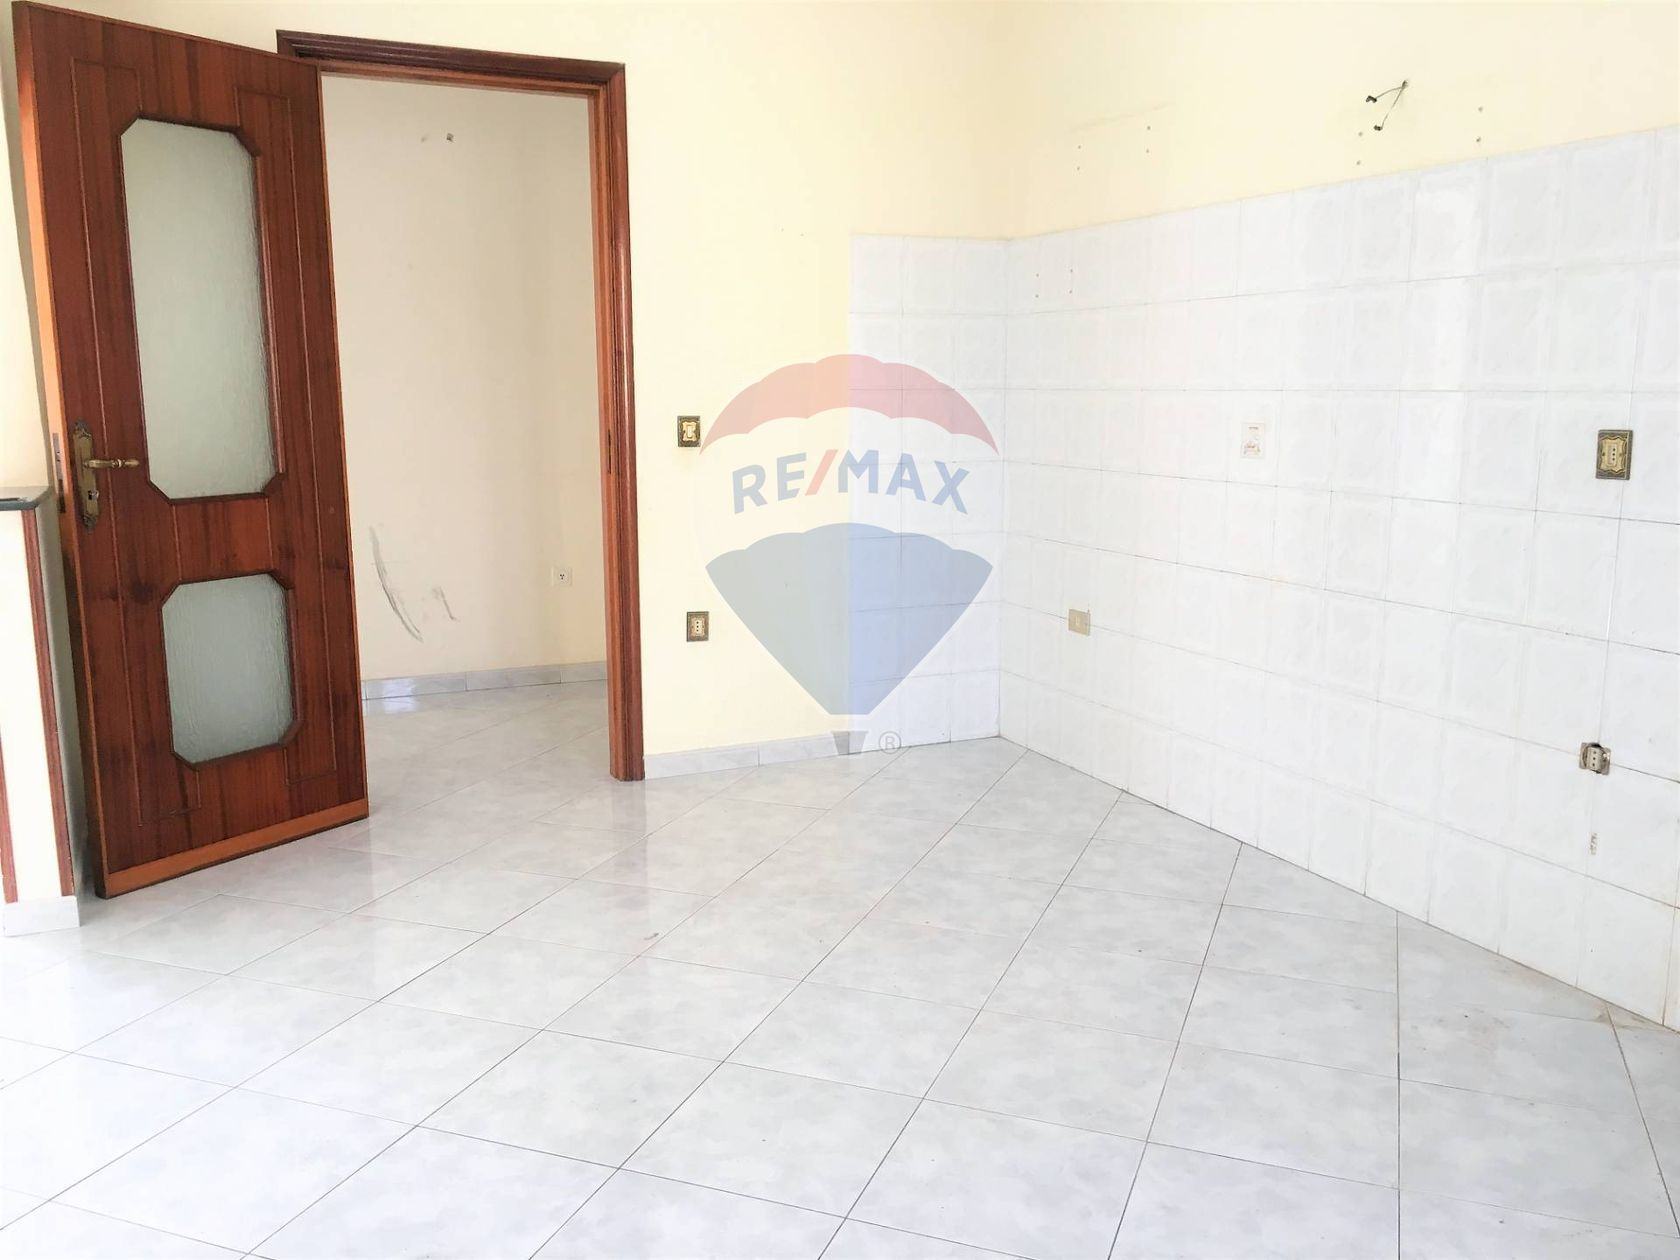 Appartamento Gricignano di Aversa, CE Vendita - Foto 4